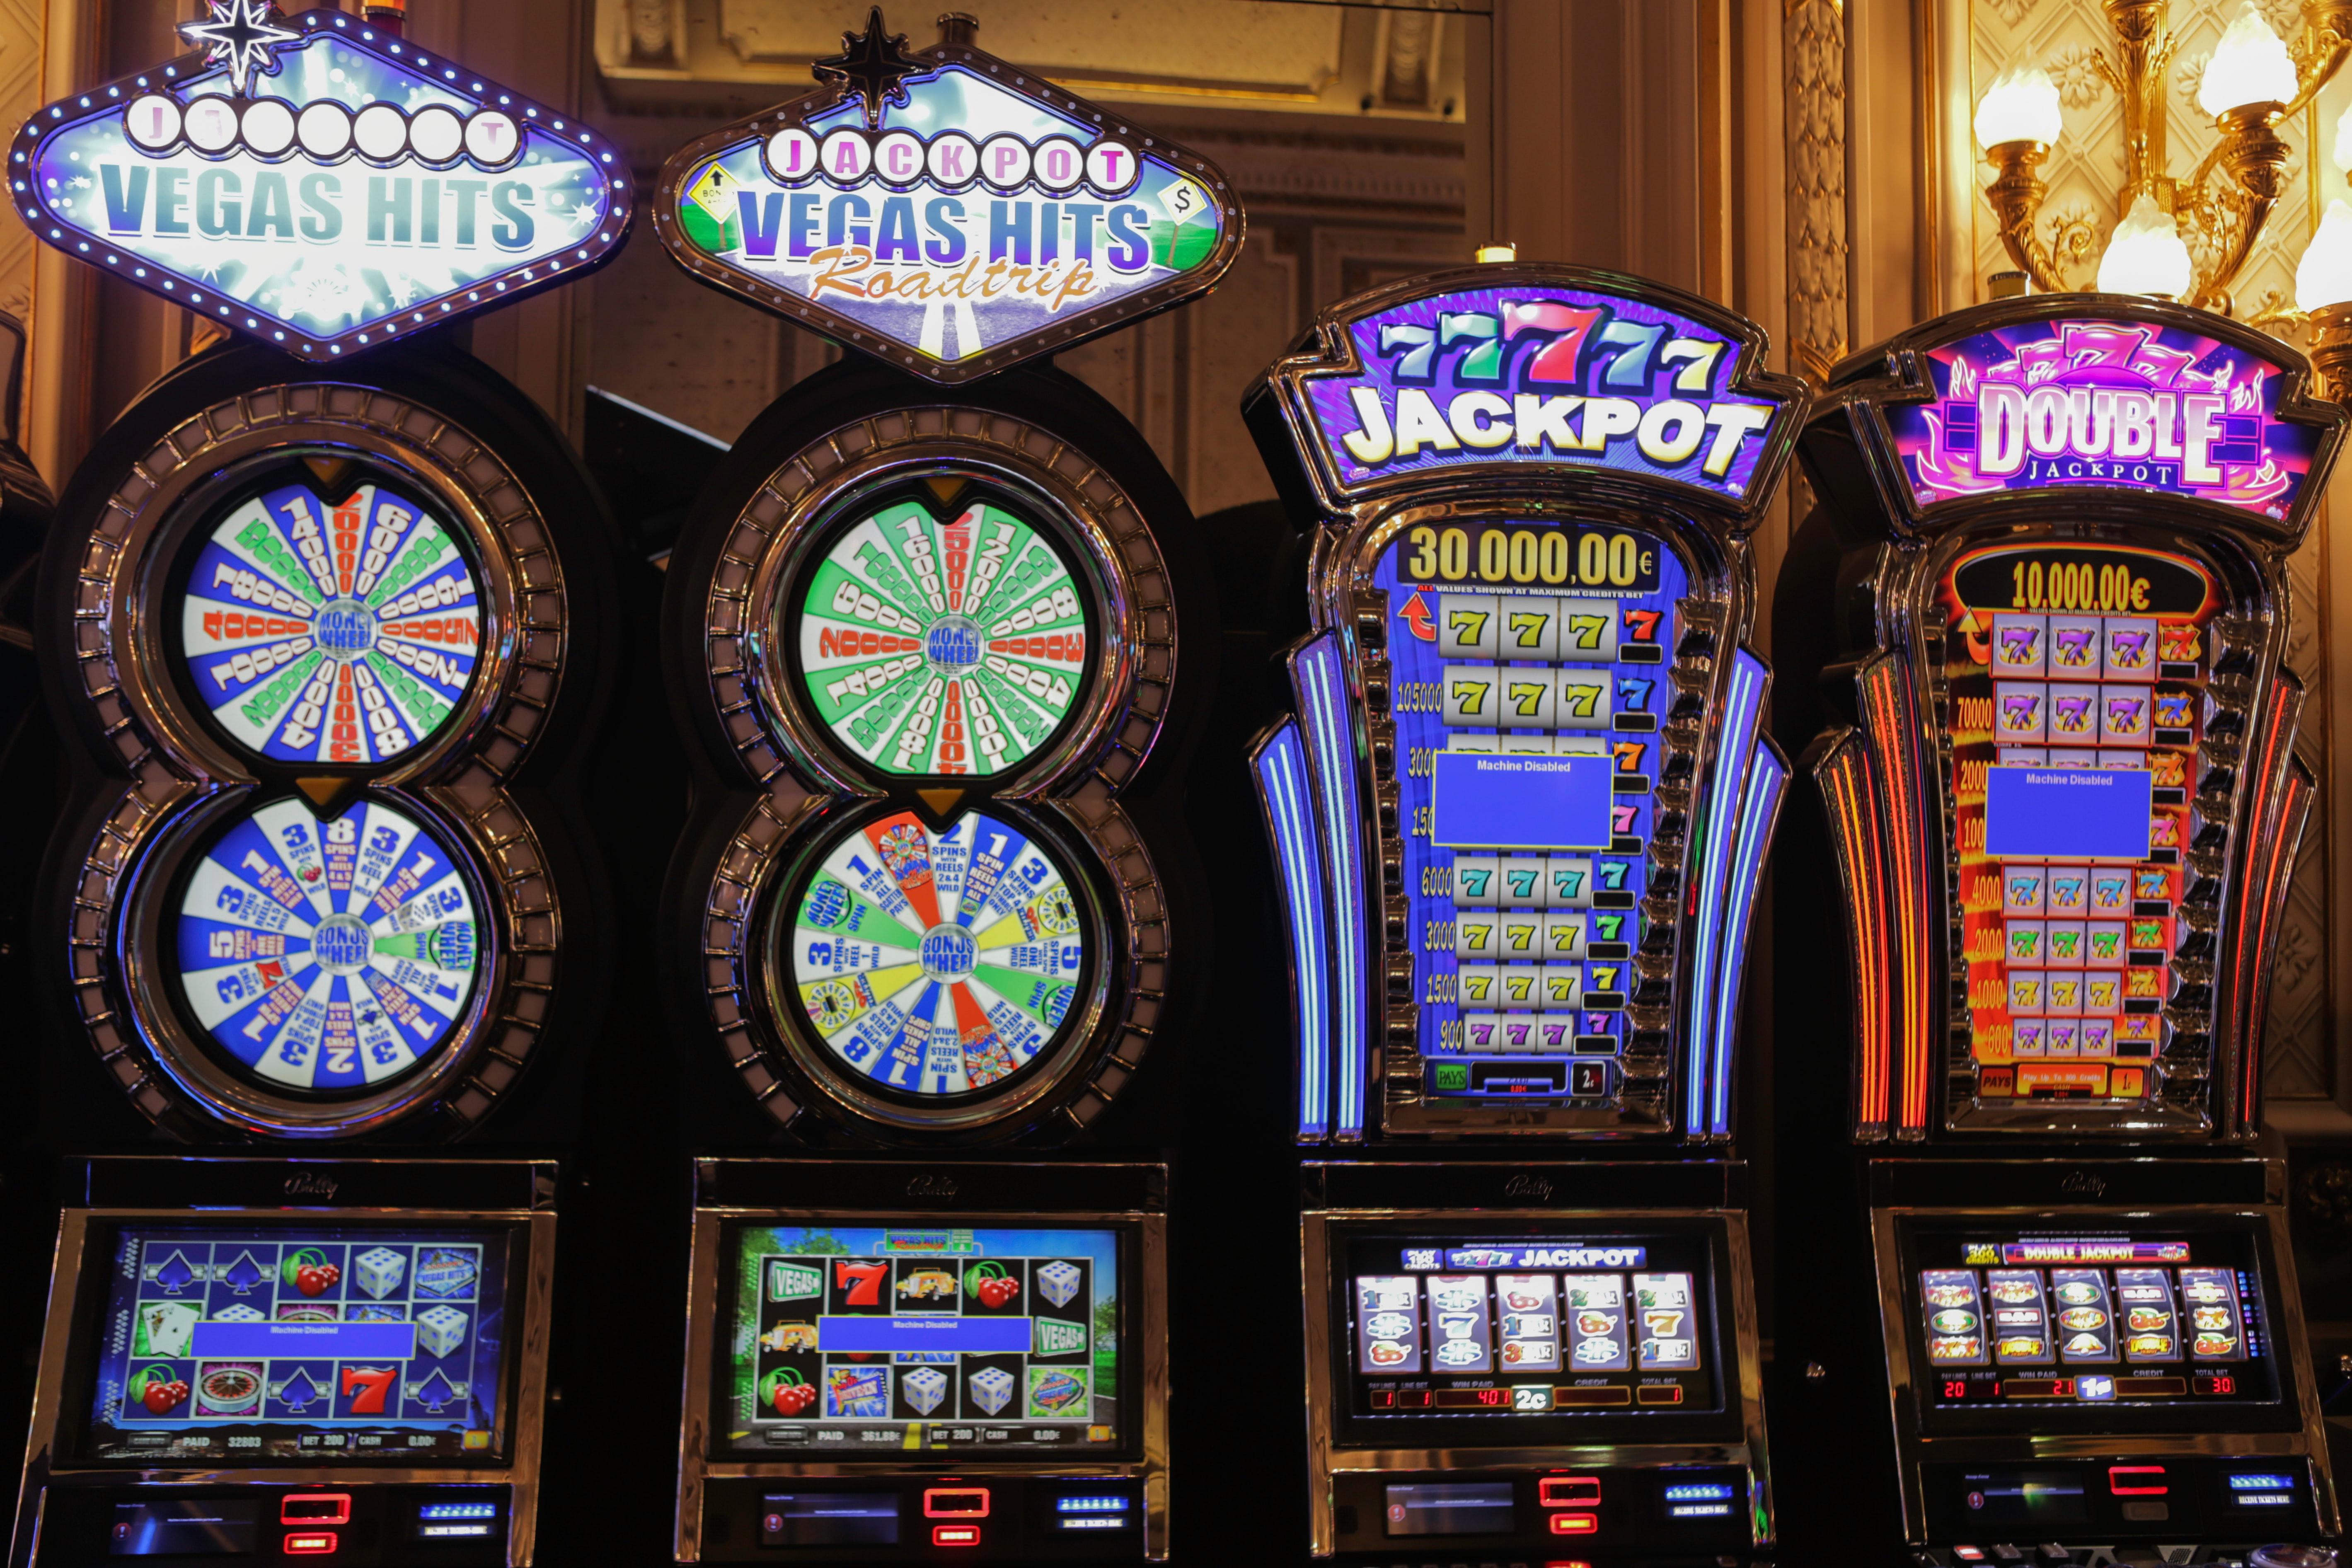 Lošimų automatai, kurie lemia turtus